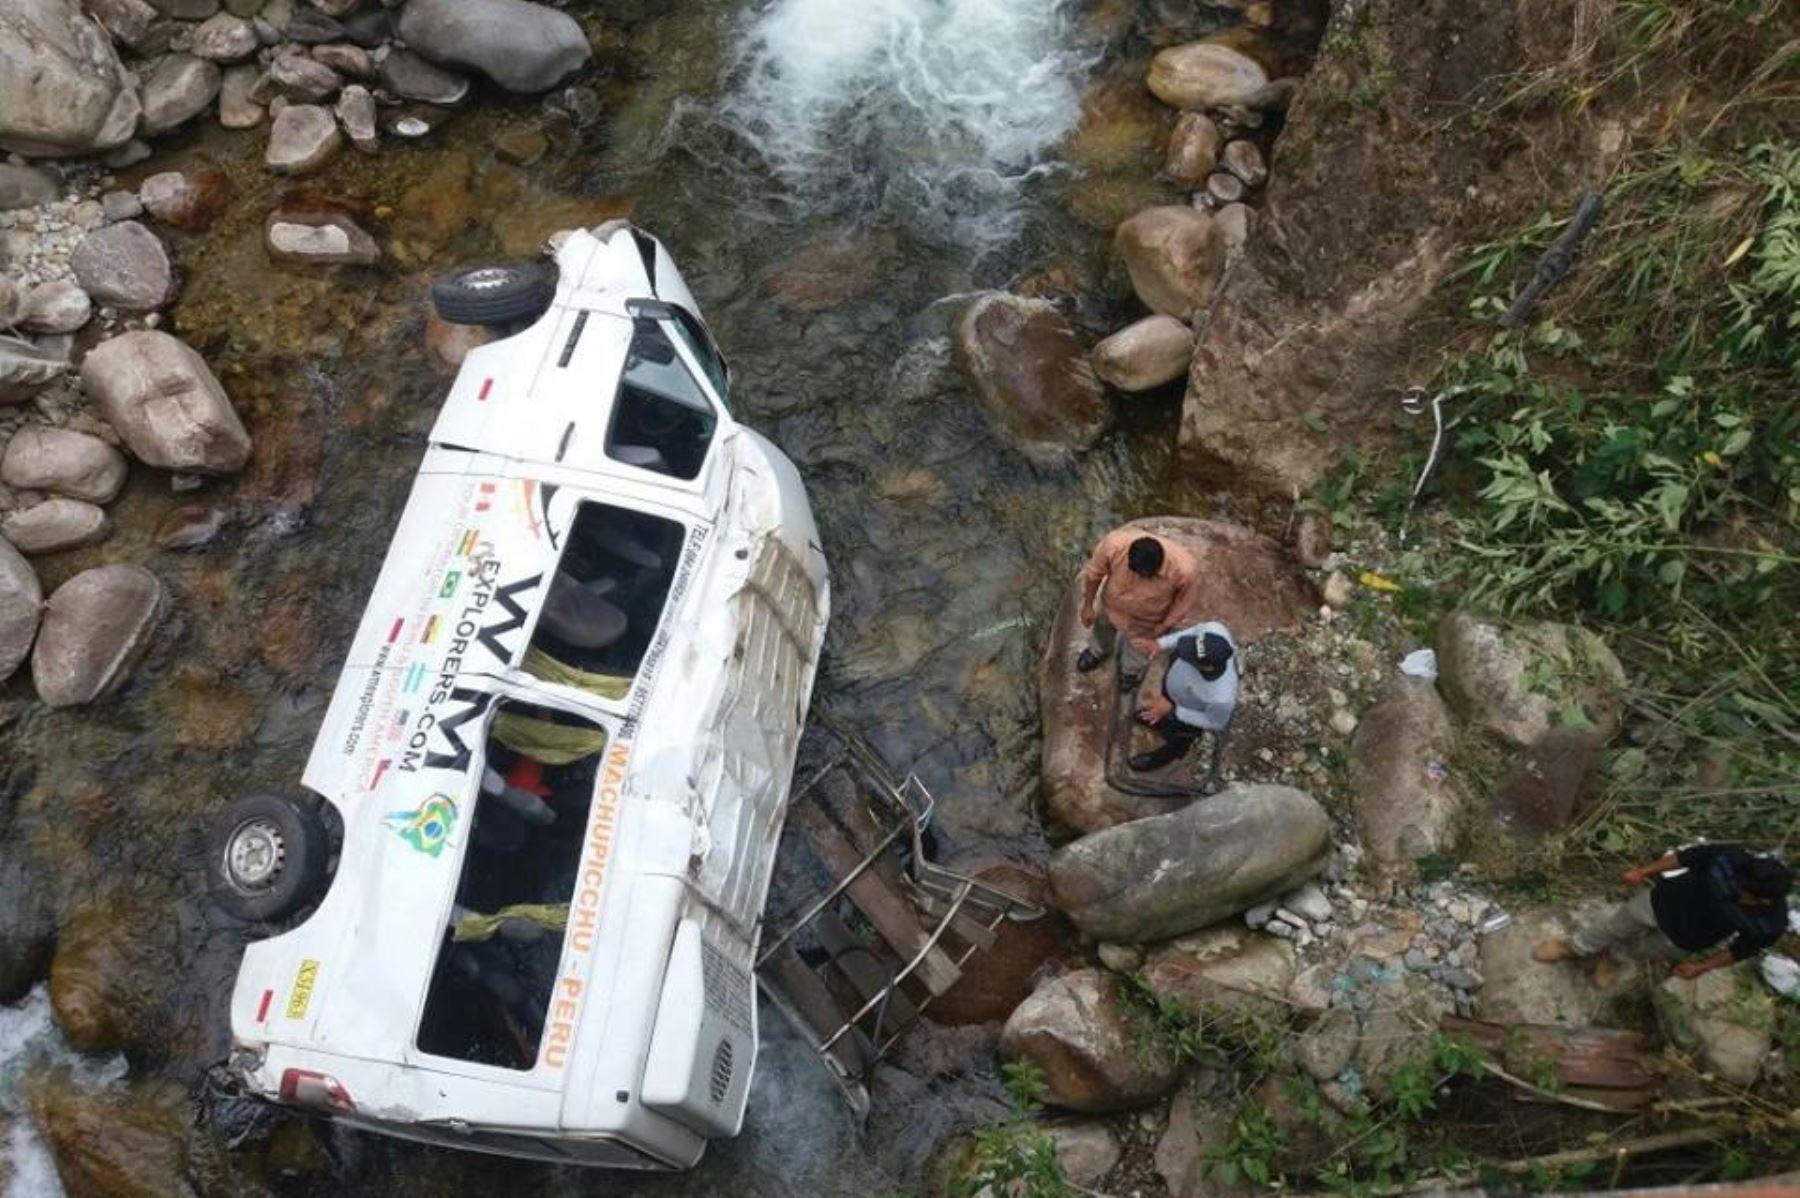 Despiste y vuelco de una van en la vía Cusco-Quillabamba dejó, al menos, 16 turistas heridos.